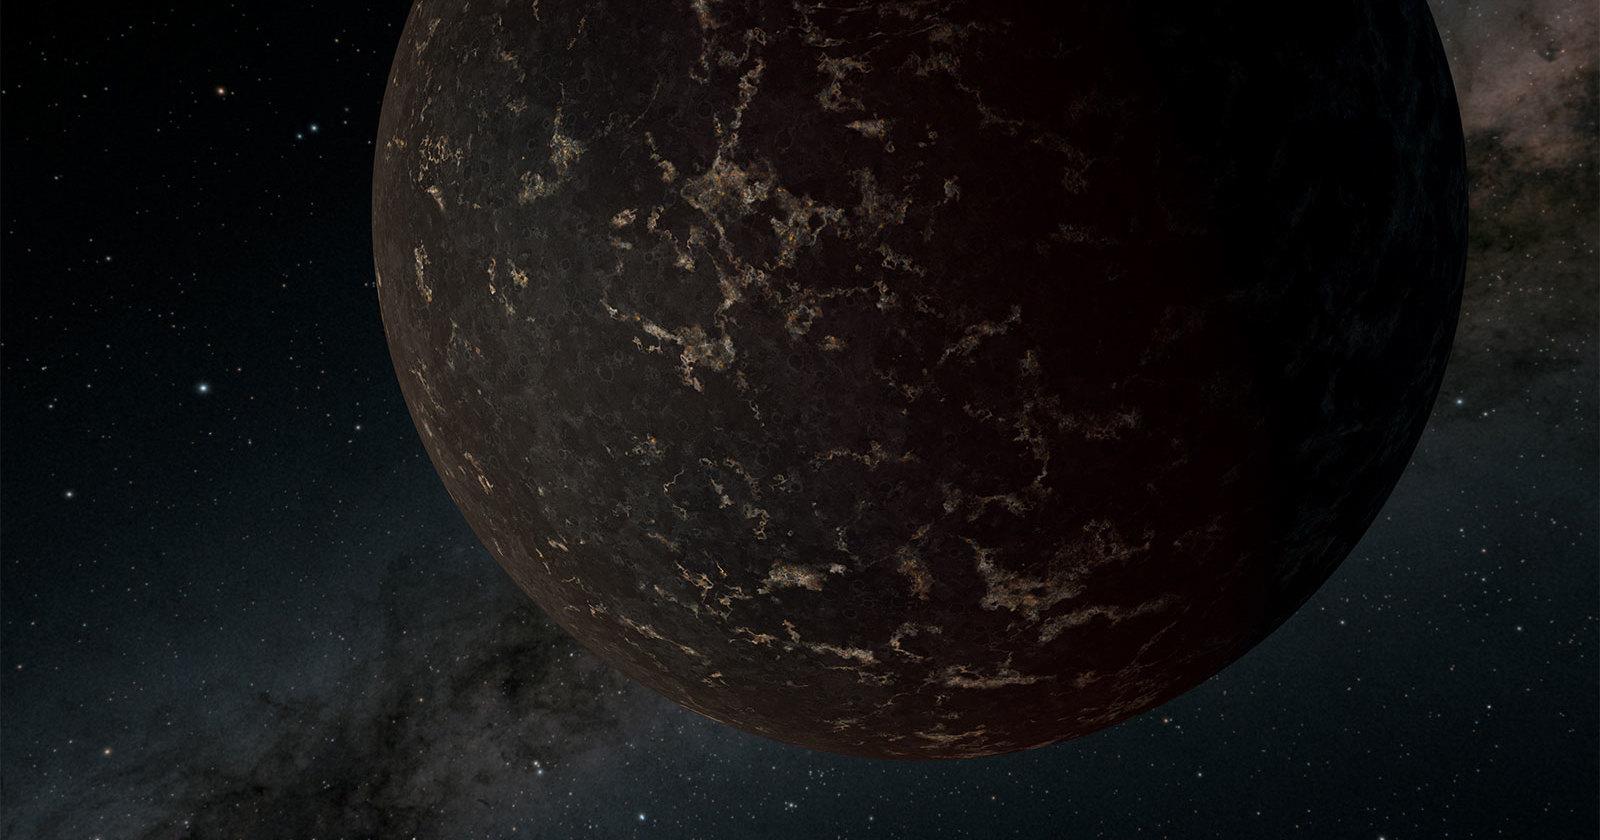 Получены данные о поверхности каменистой экзопланеты недалеко от нас